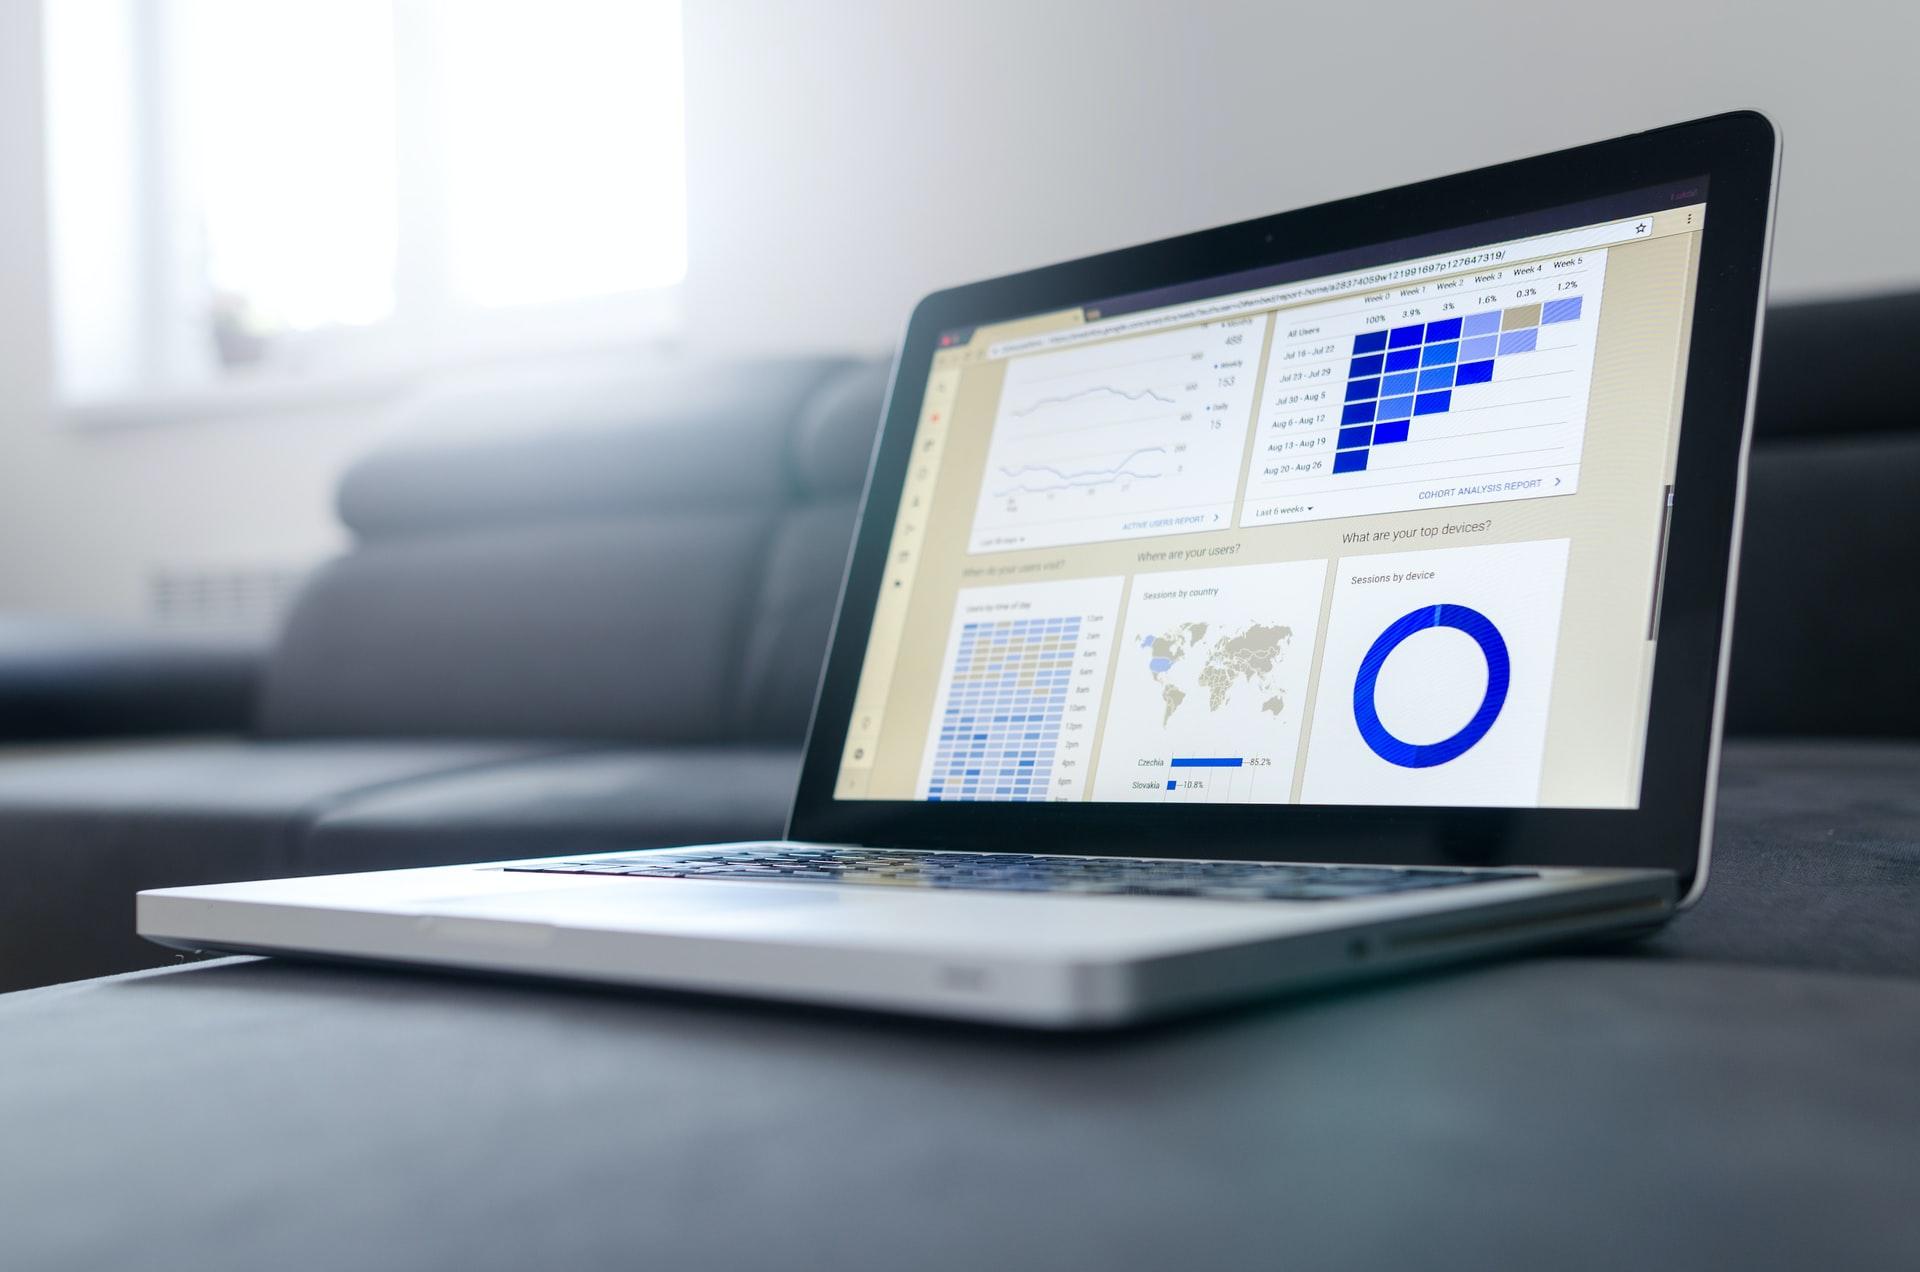 En dator som visar google analytics översiktssvy